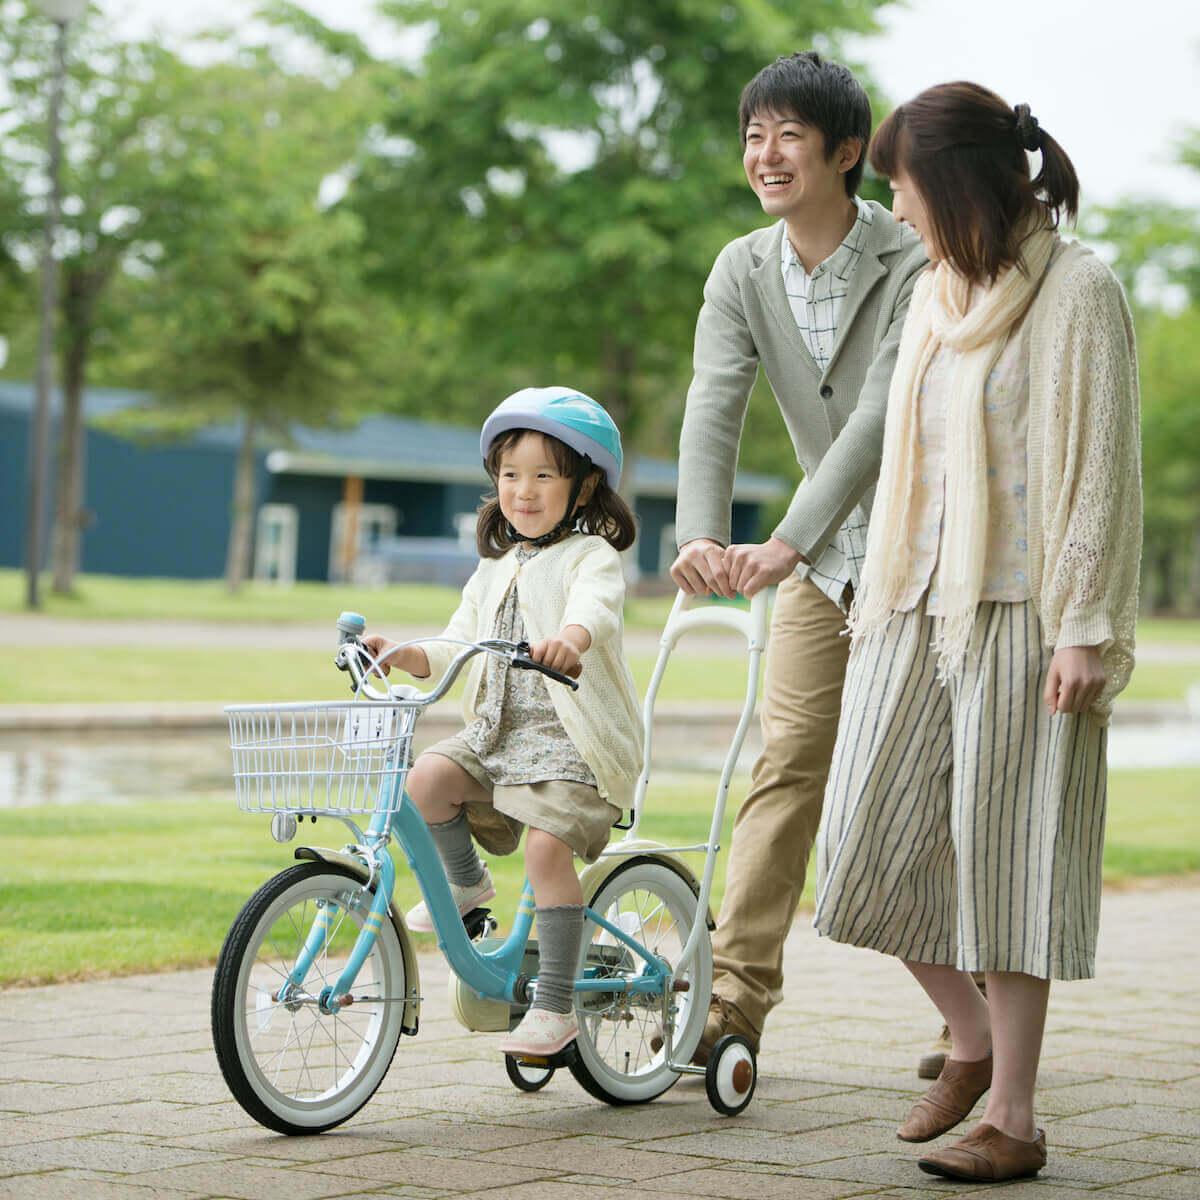 子どもと自転車にのる練習をしよう|5つのステップと早くのれるコツ4つ